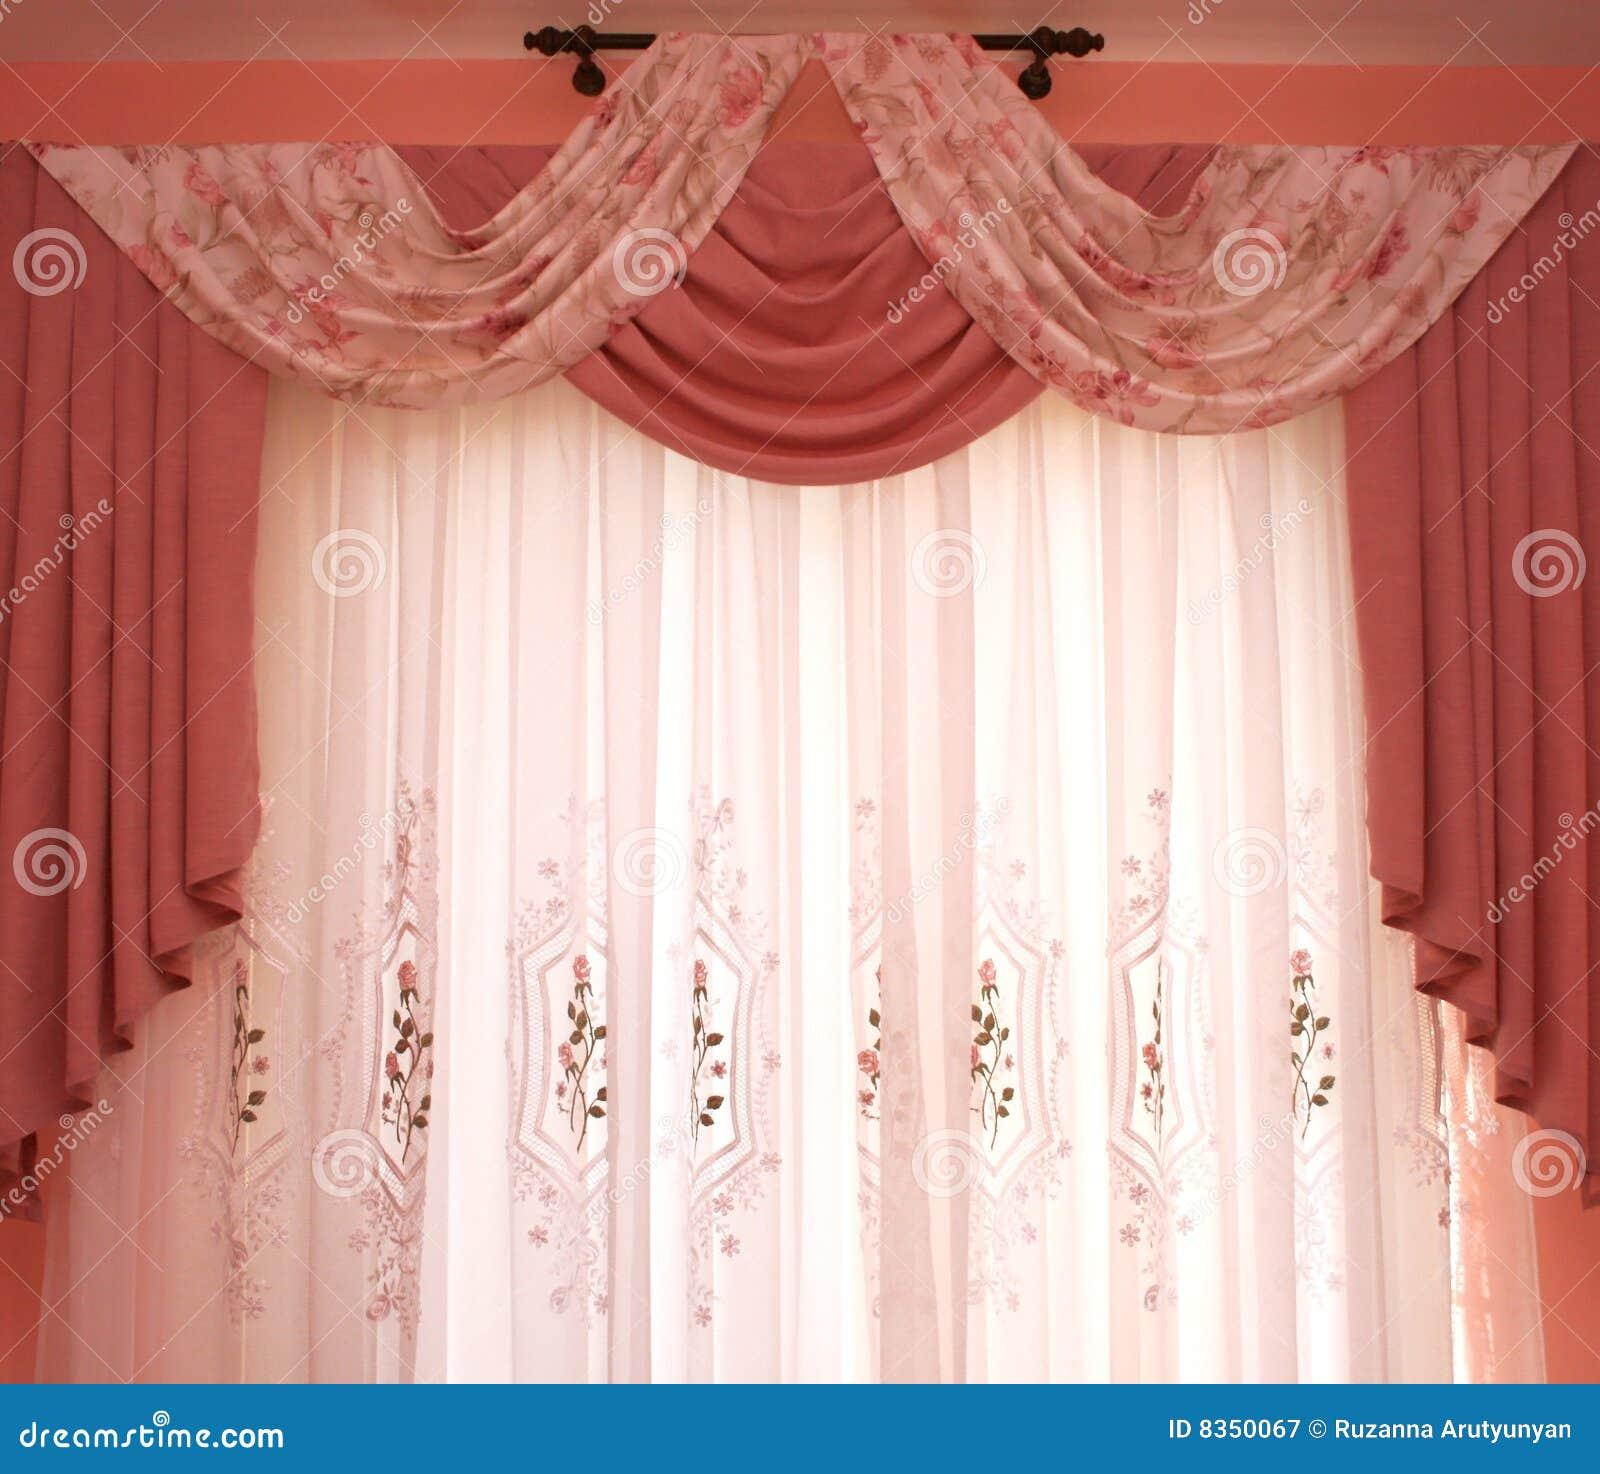 Fotos De Cortina ~ Cortinas imagen de archivo Imagen de tela, interior, cortinas 8350067